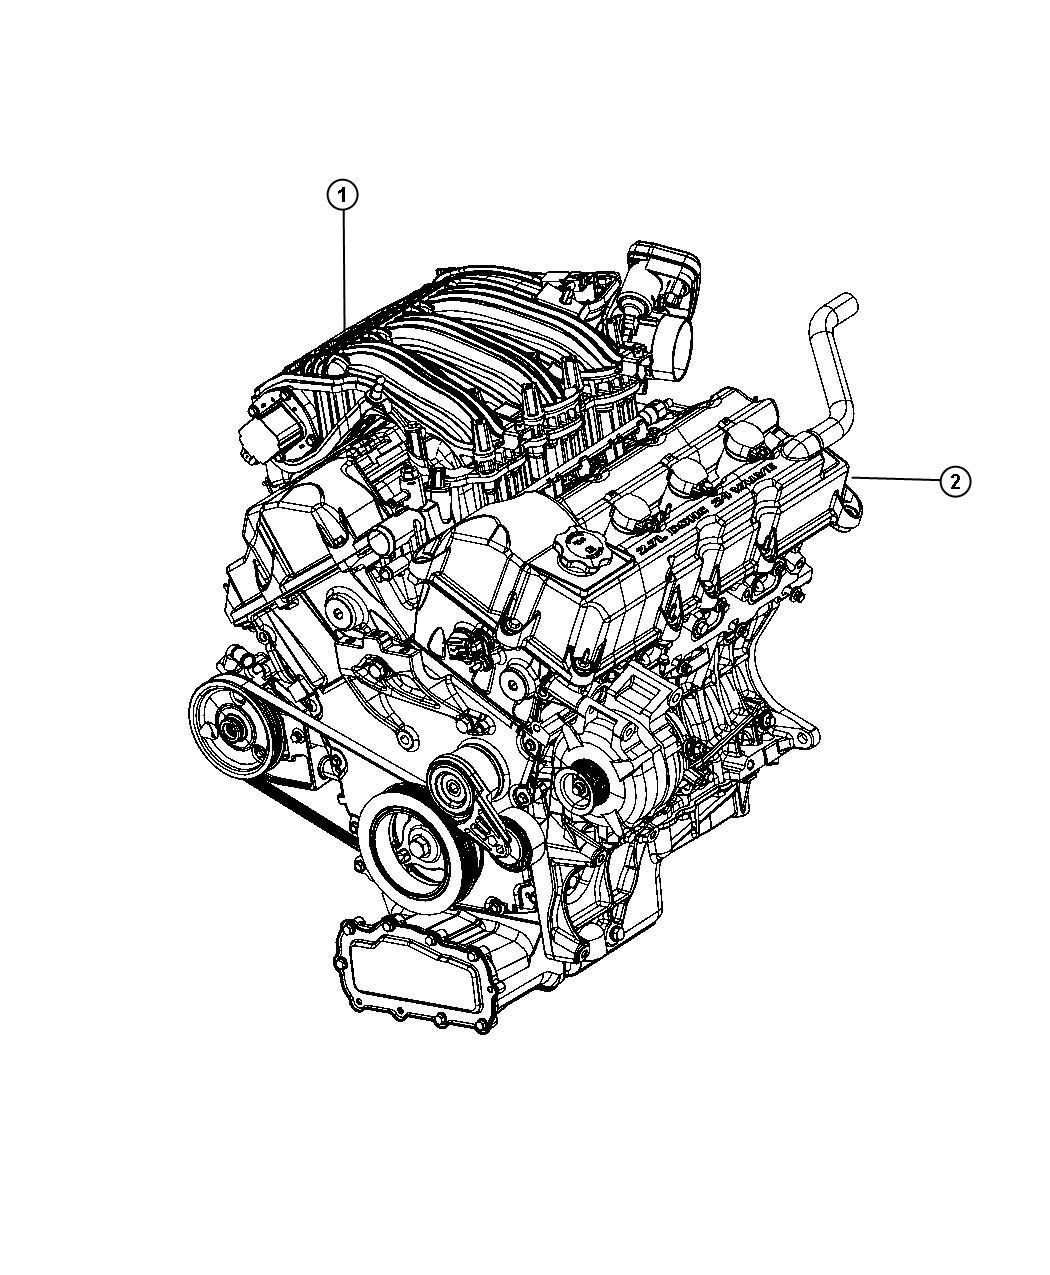 2009 Dodge Charger BASE 2.7L V6 Engine. Long block